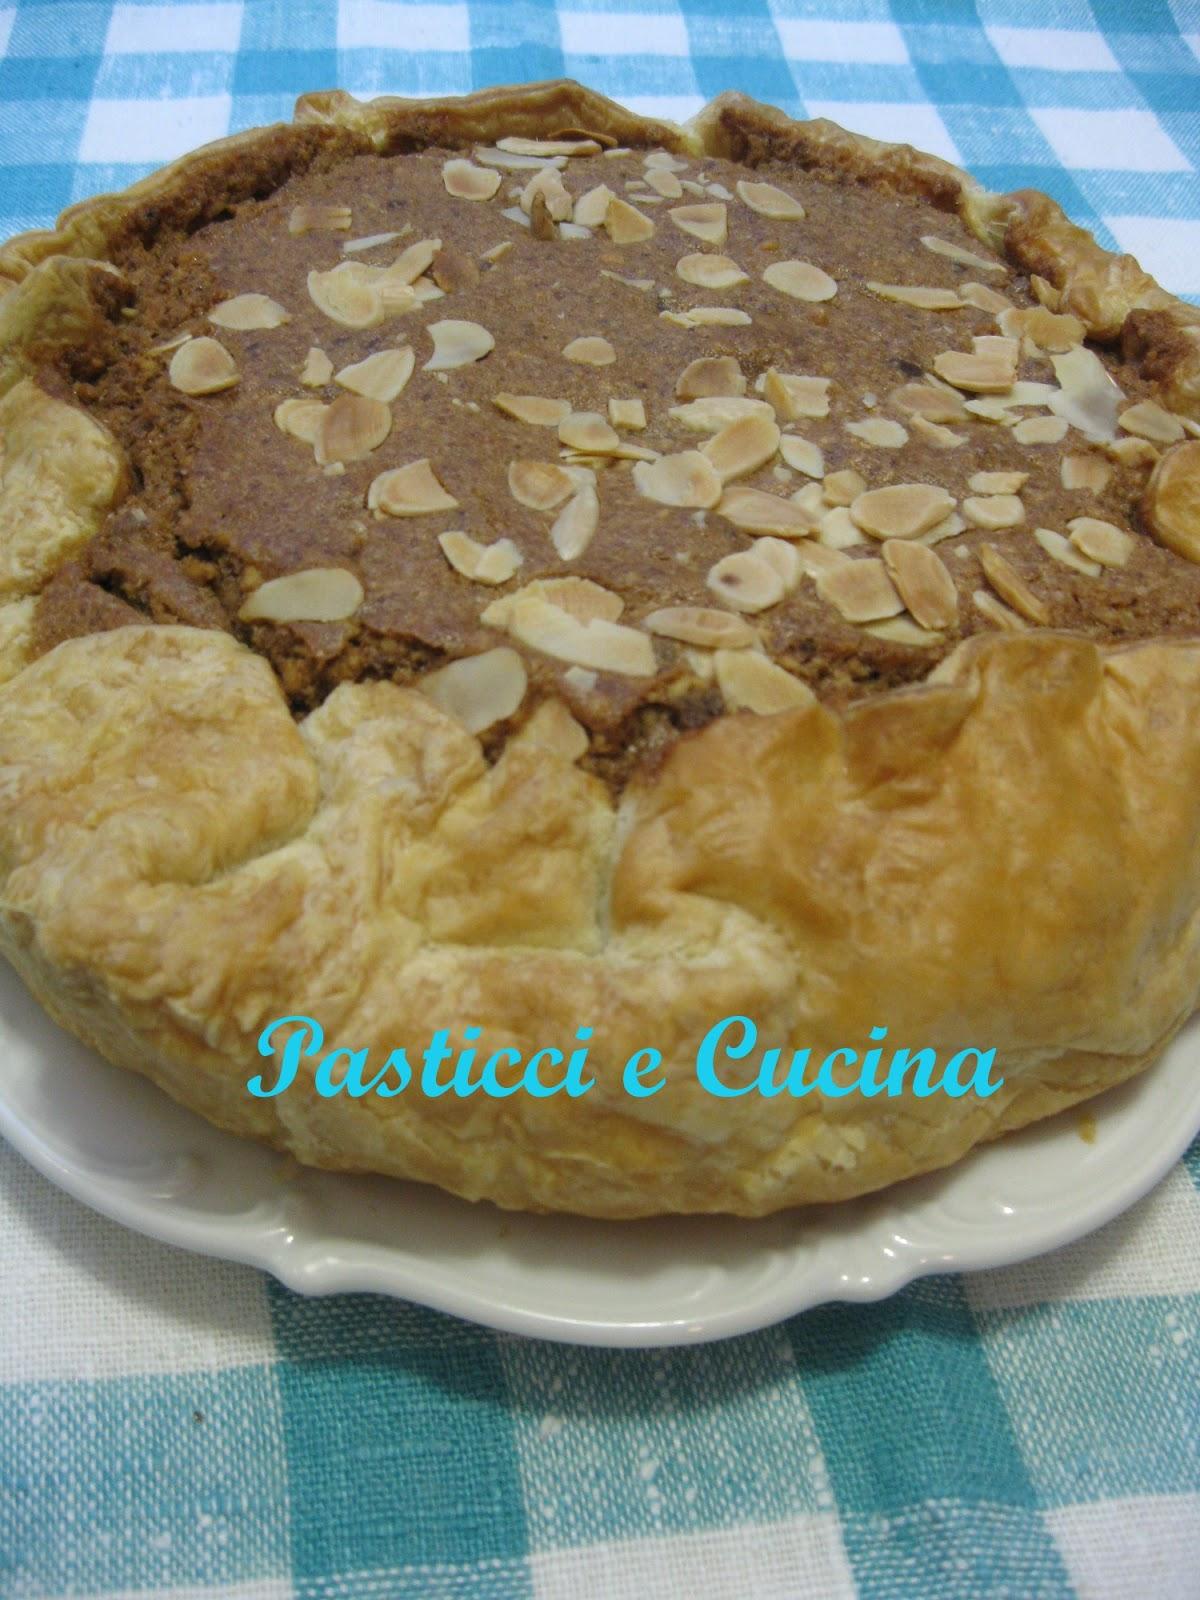 Pasticci e cucina torta russa o torta di verona - Cucina e pasticci ...